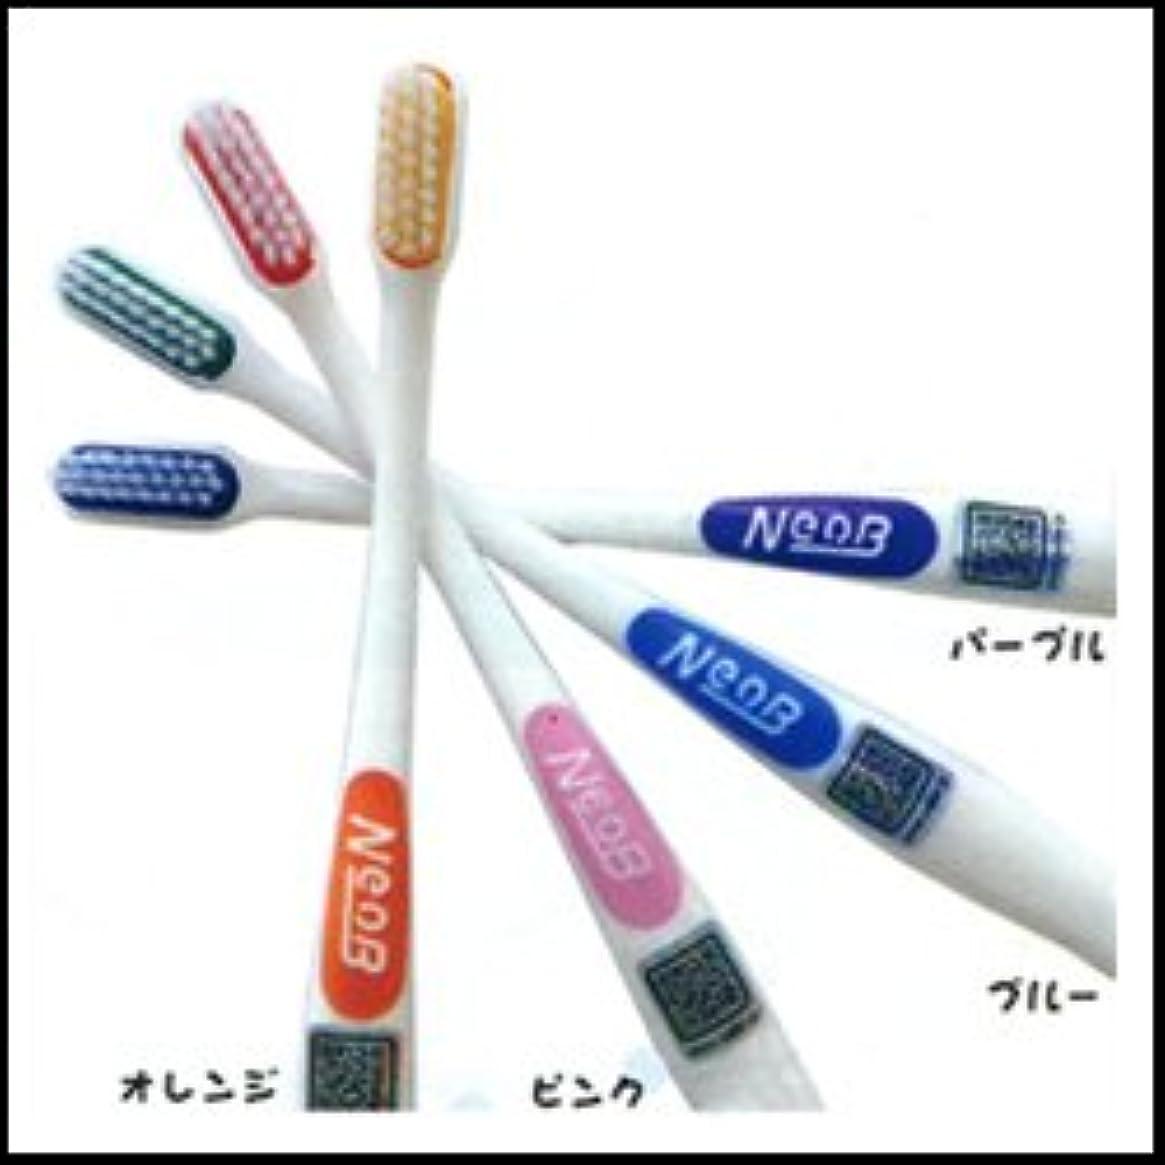 イベント養う印刷する【2本セット】ネオビー歯ブラシ (パープル?ブルー?ピンク?オレンジ)